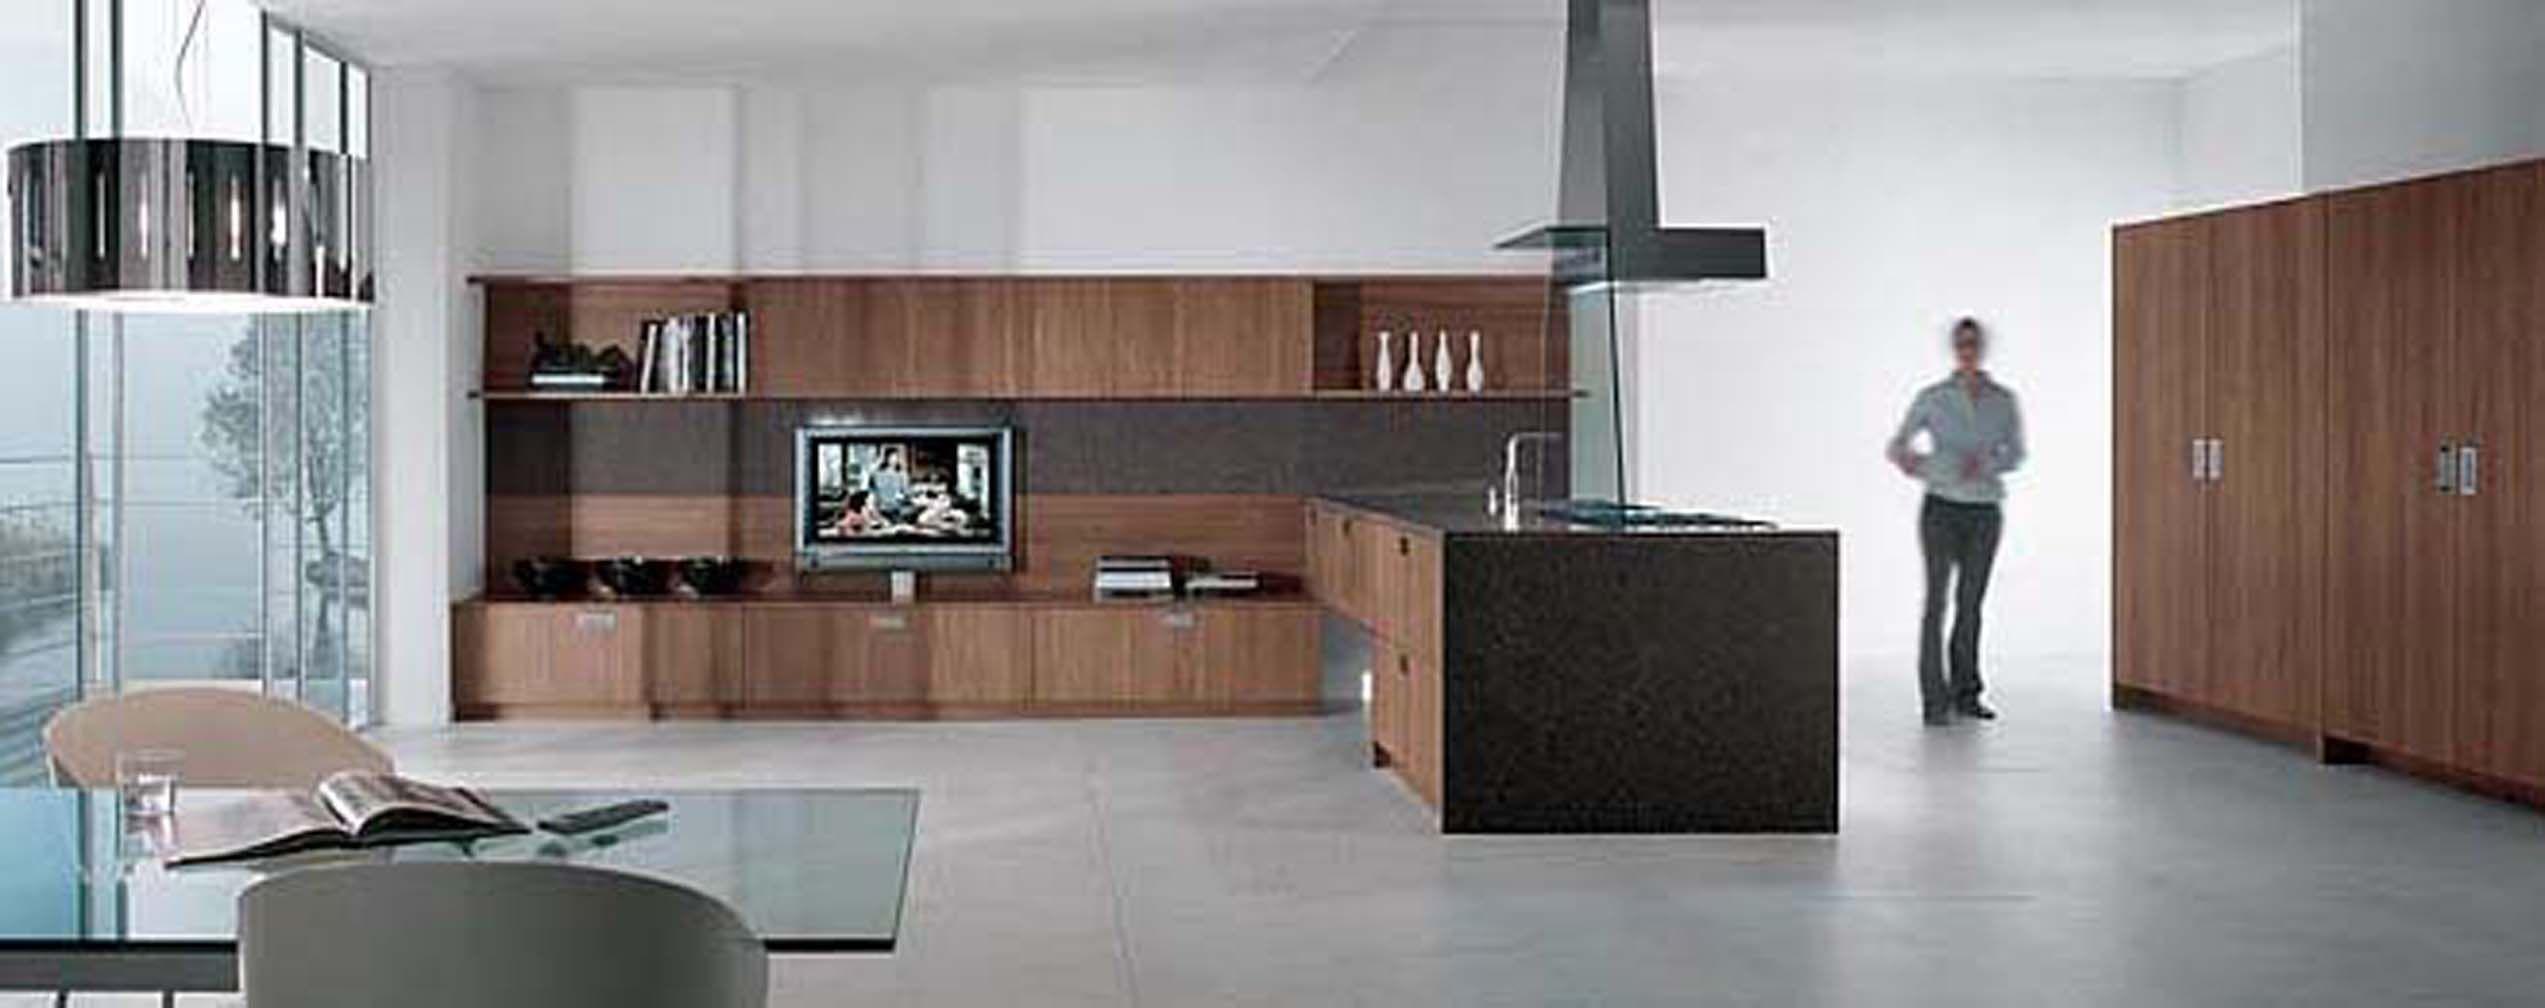 Linea quattro cuisine en bois massif et plaqu cuisines bois cuisine bois caisson et tv - Linea cuisine ...